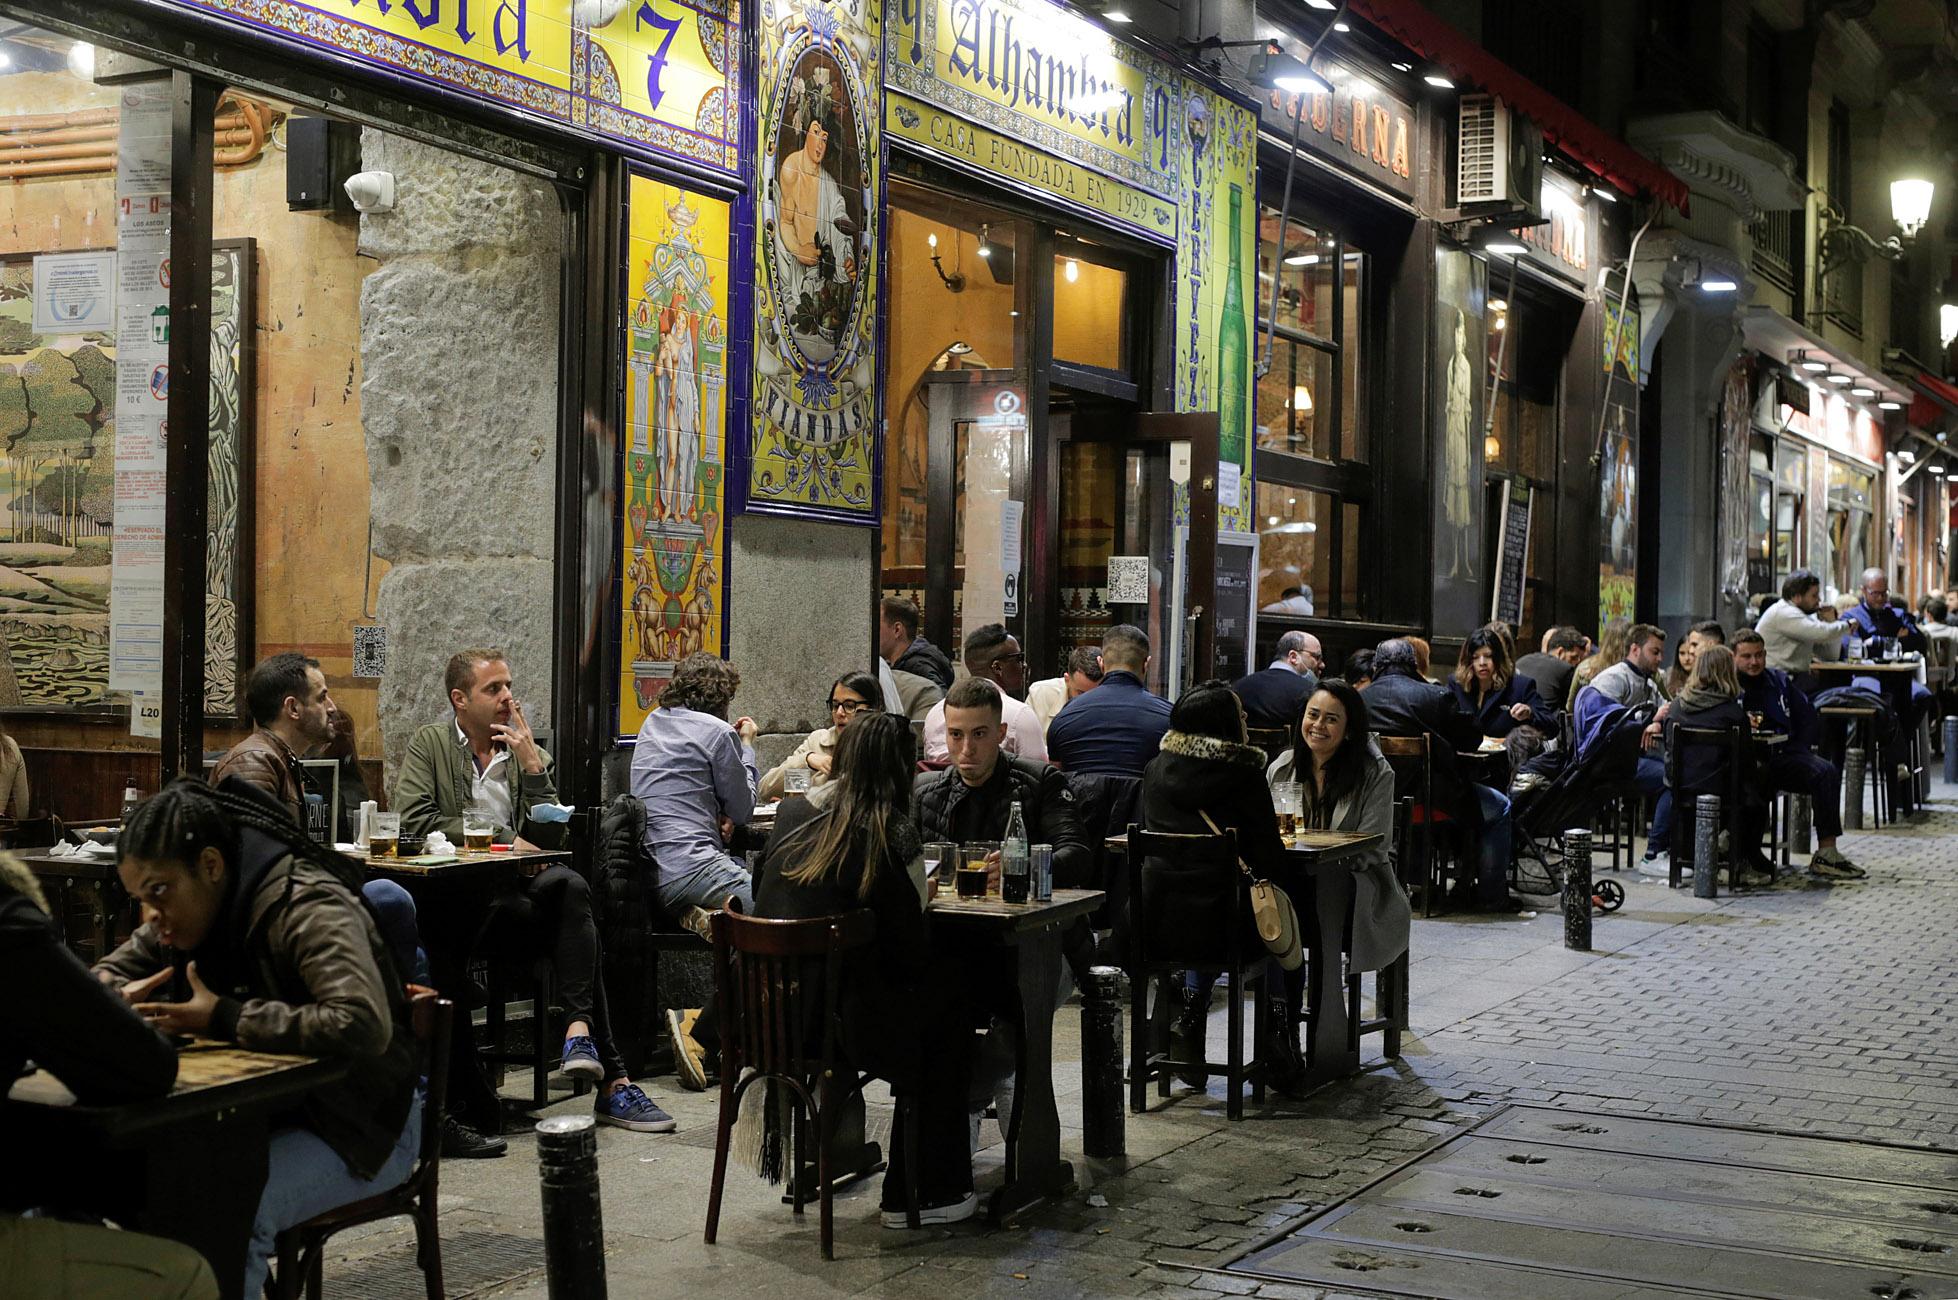 Ισπανία: Μειώθηκε ο πληθυσμός για πρώτη φορά μετά από πέντε χρόνια